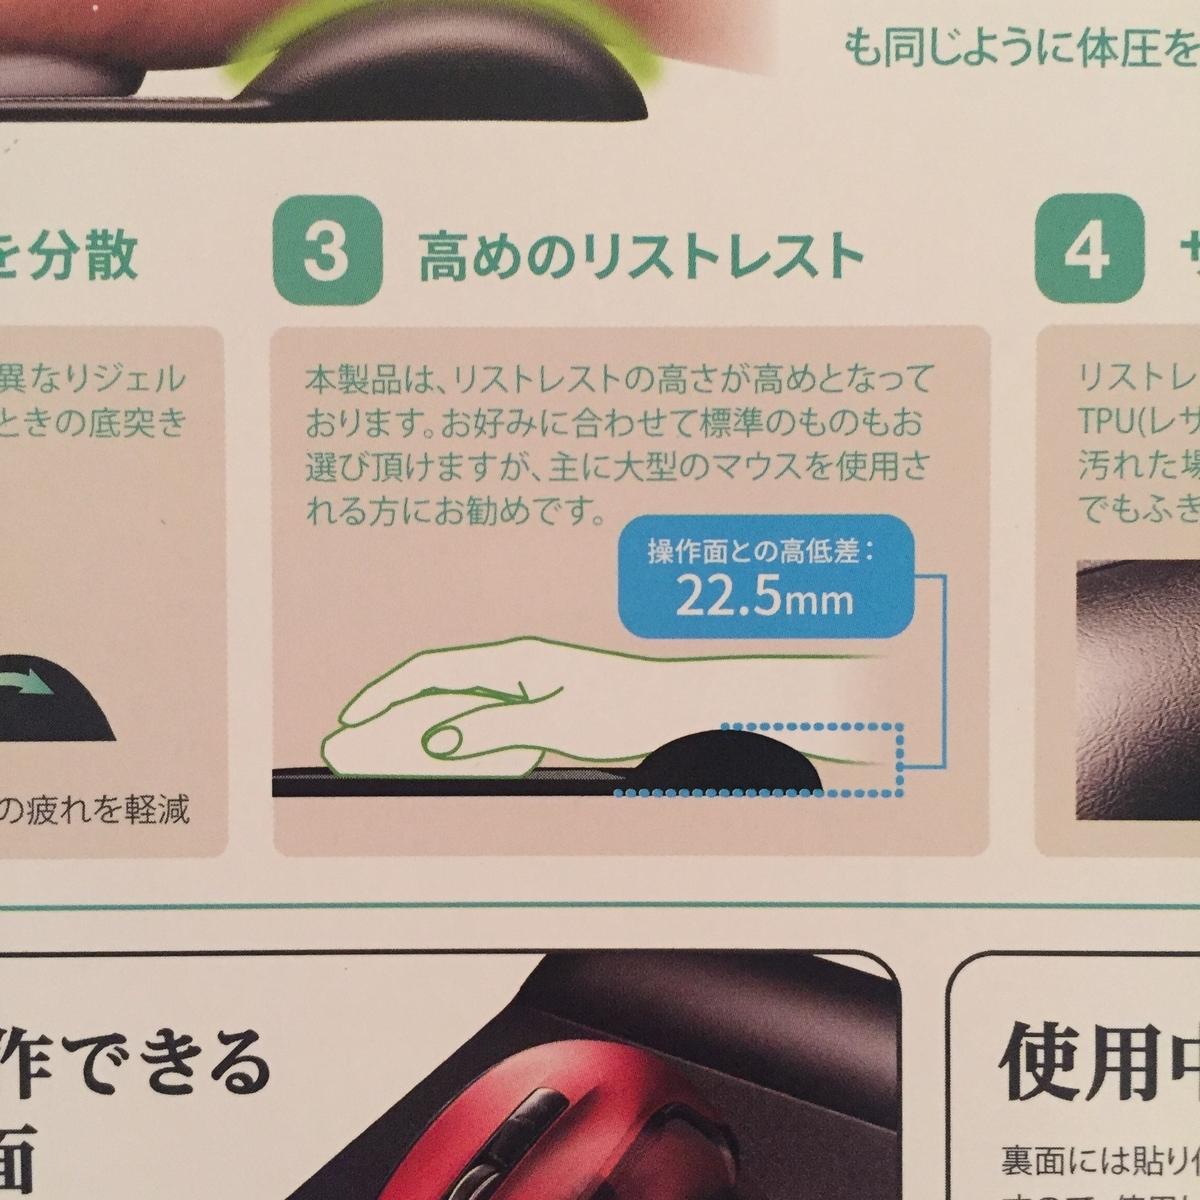 マウス キーボード レスト GEL ゲル 肩こり タコ ビジネス 便利 グッズ パソコン 周辺機器 PC ゲーミング 集中 サンワサプライ エレコム ELECOM トラックボール